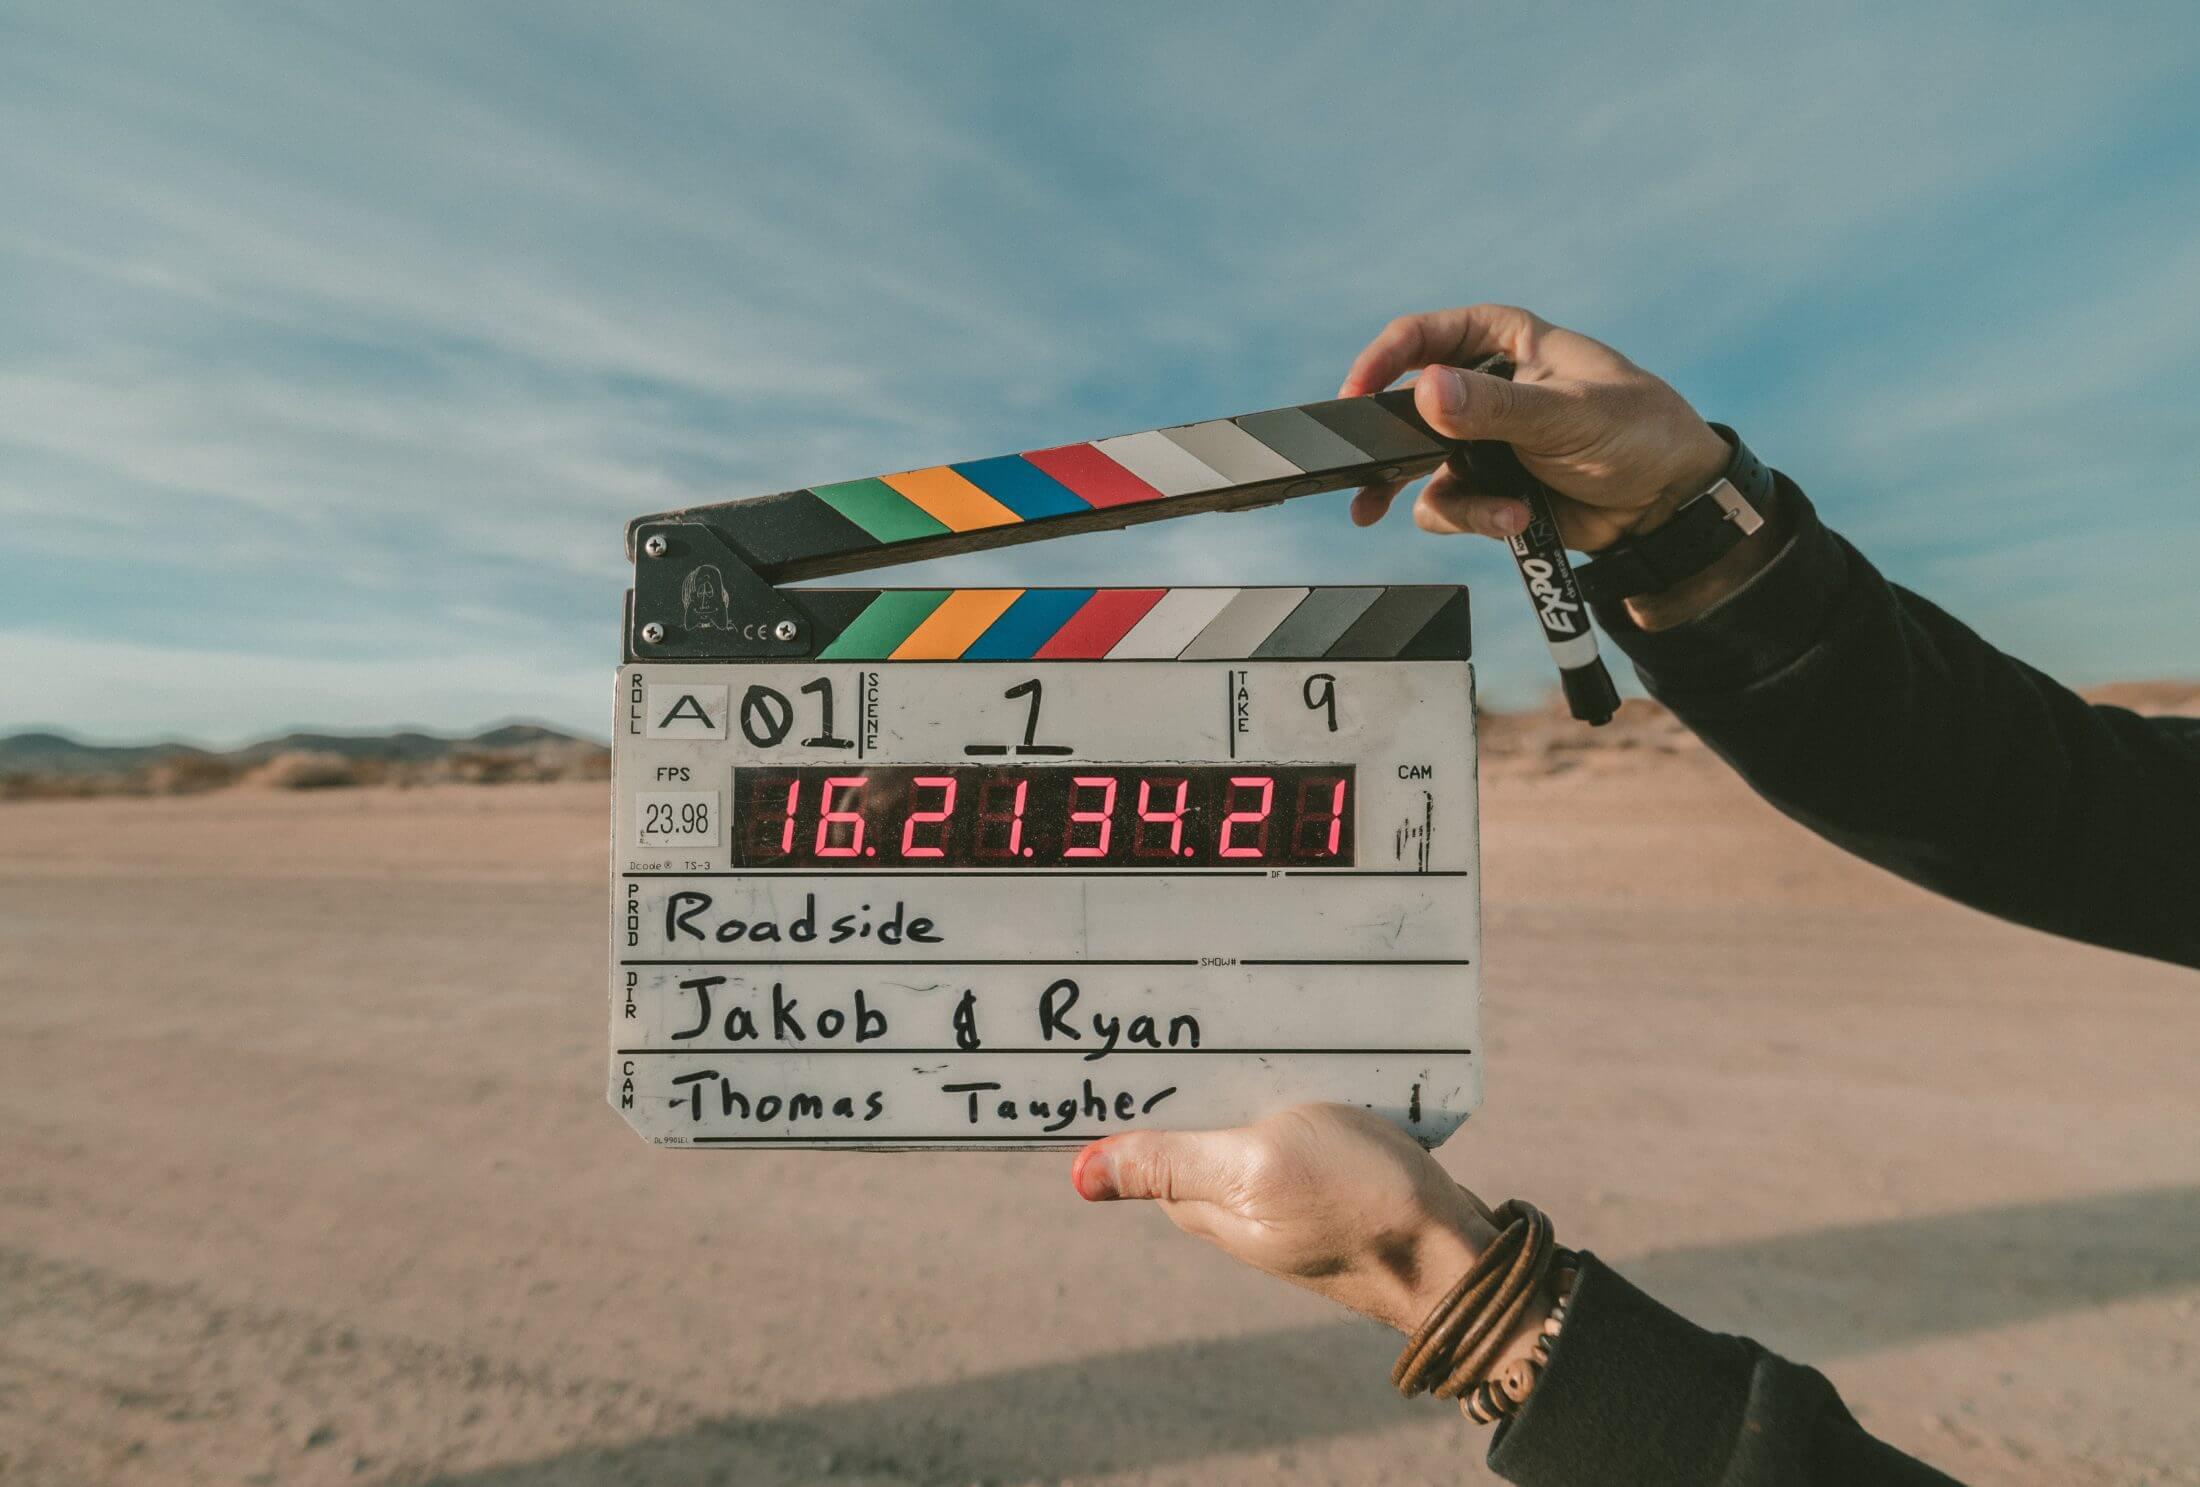 30分以上動画を撮影できる一眼レフカメラ5選!長時間撮影におすすめ